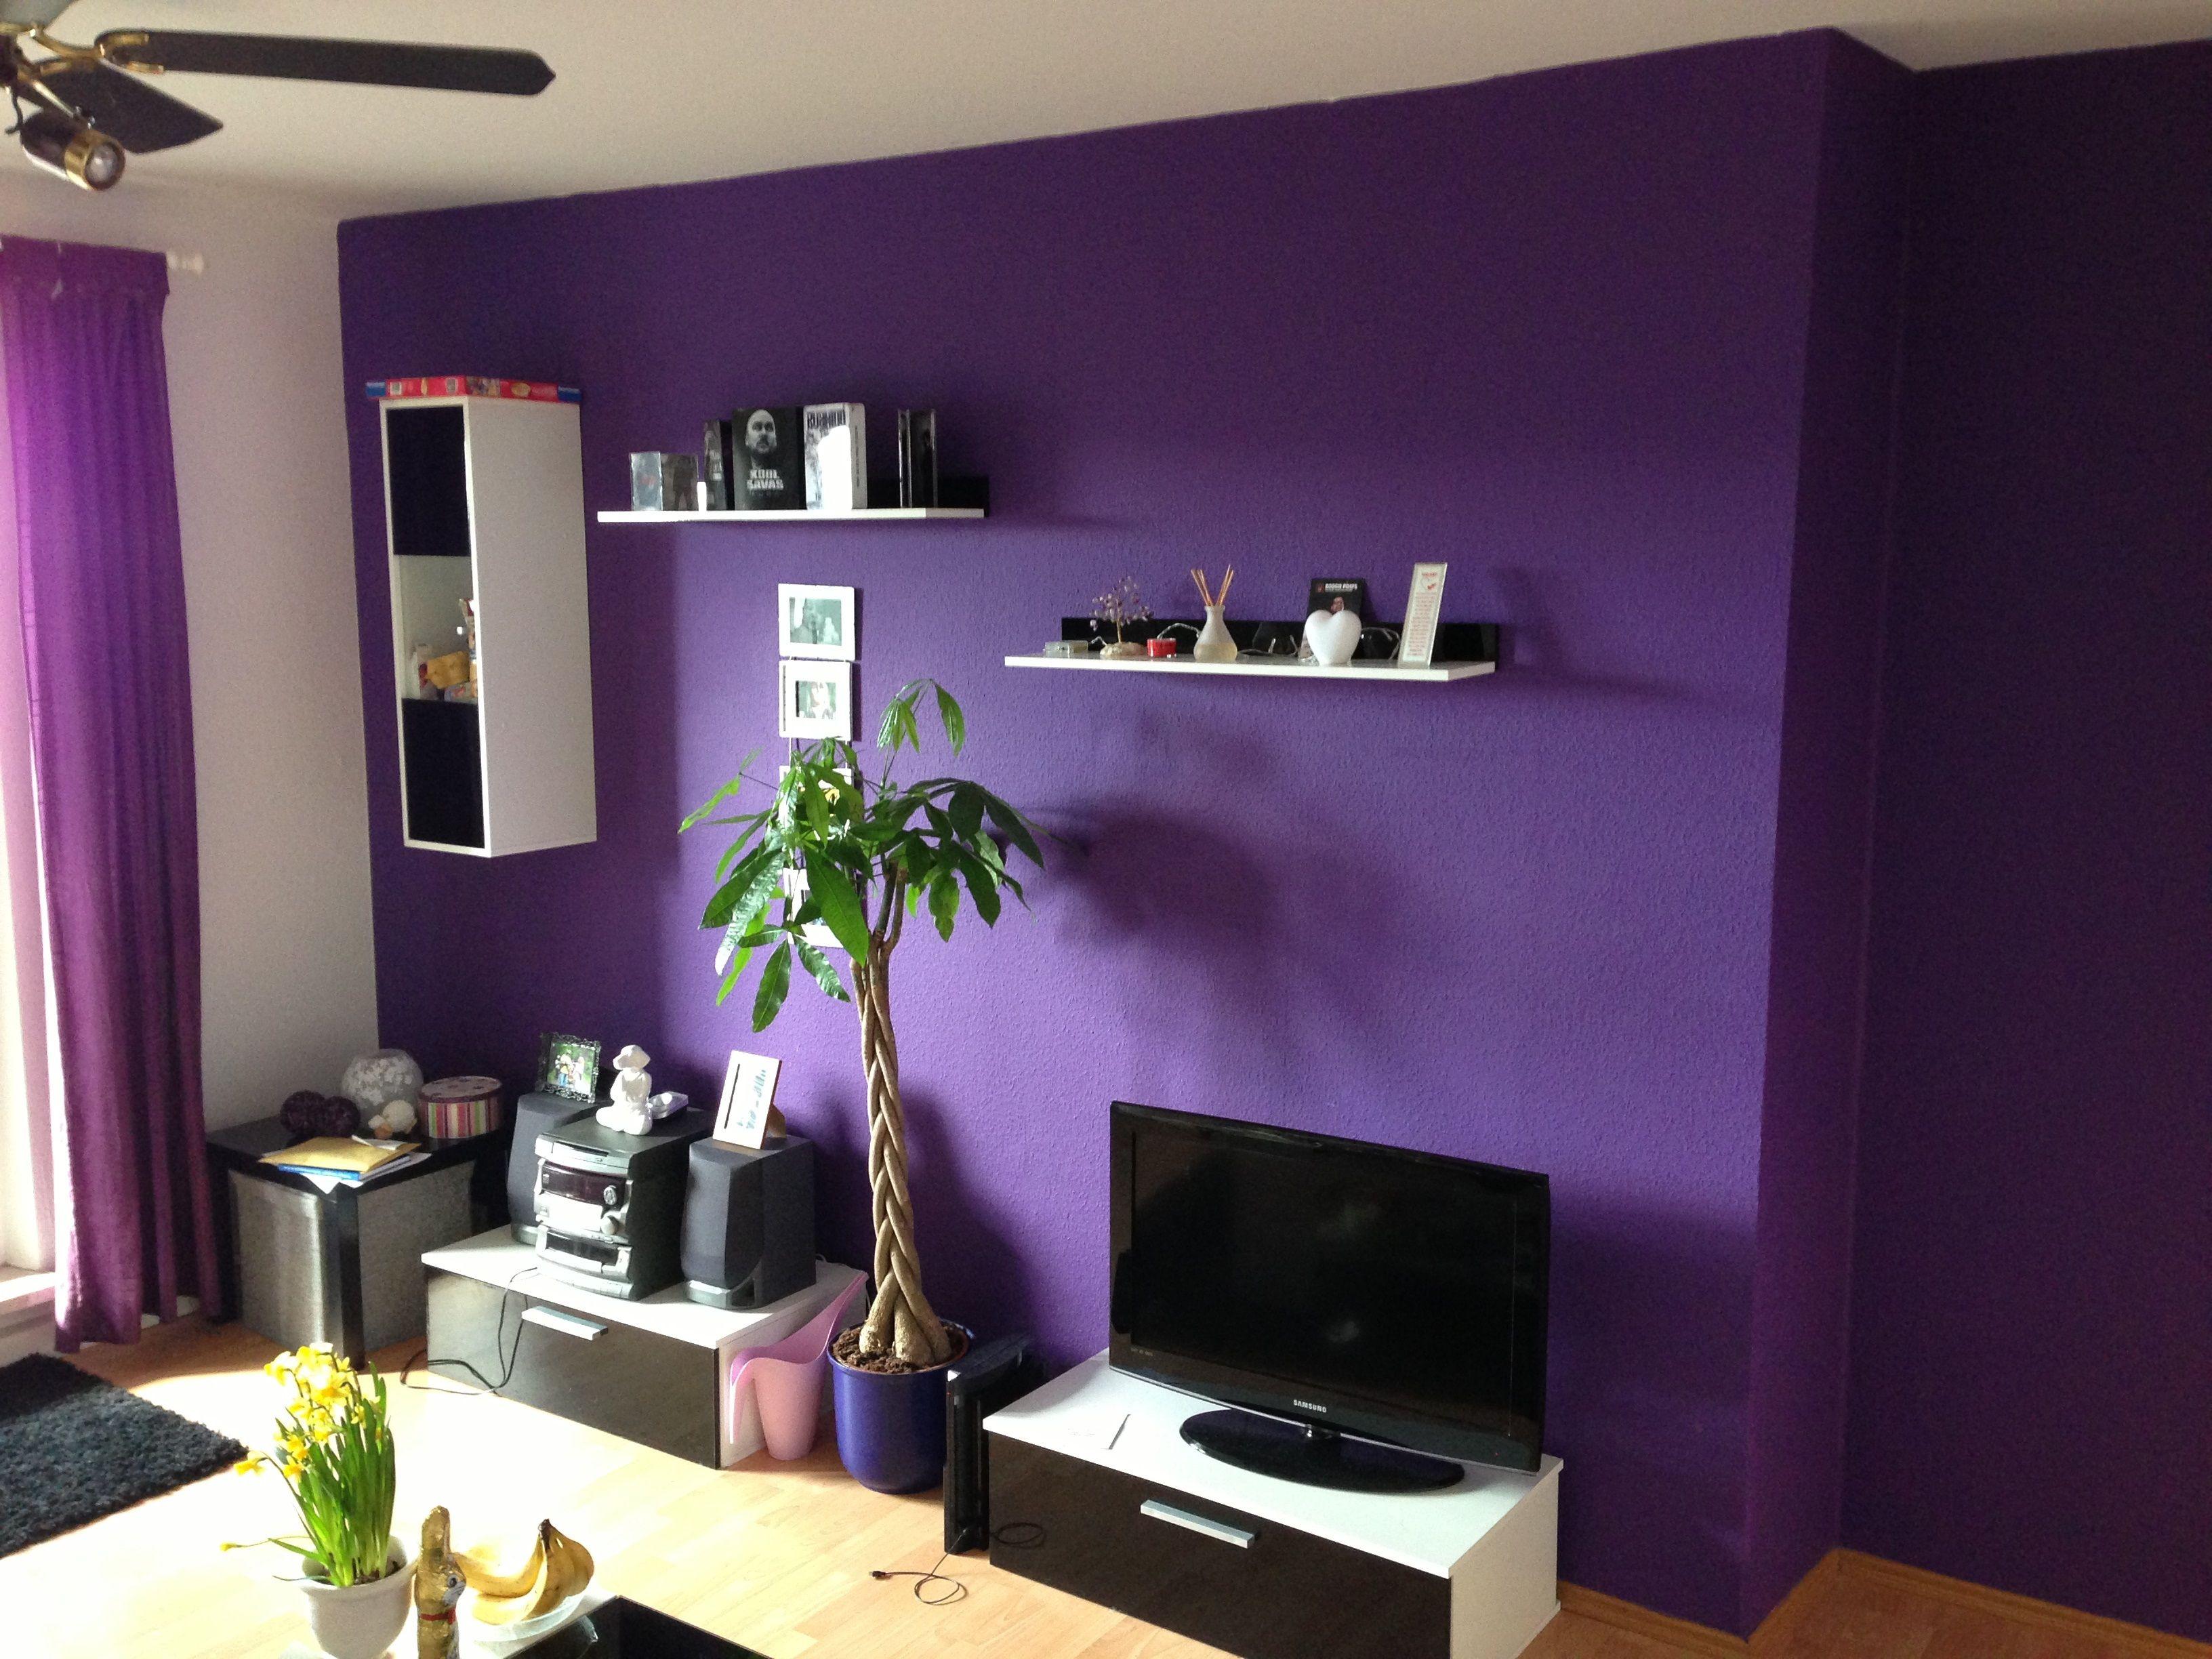 wohnzimmer streichen lila | Deko ideen schlafzimmer ...